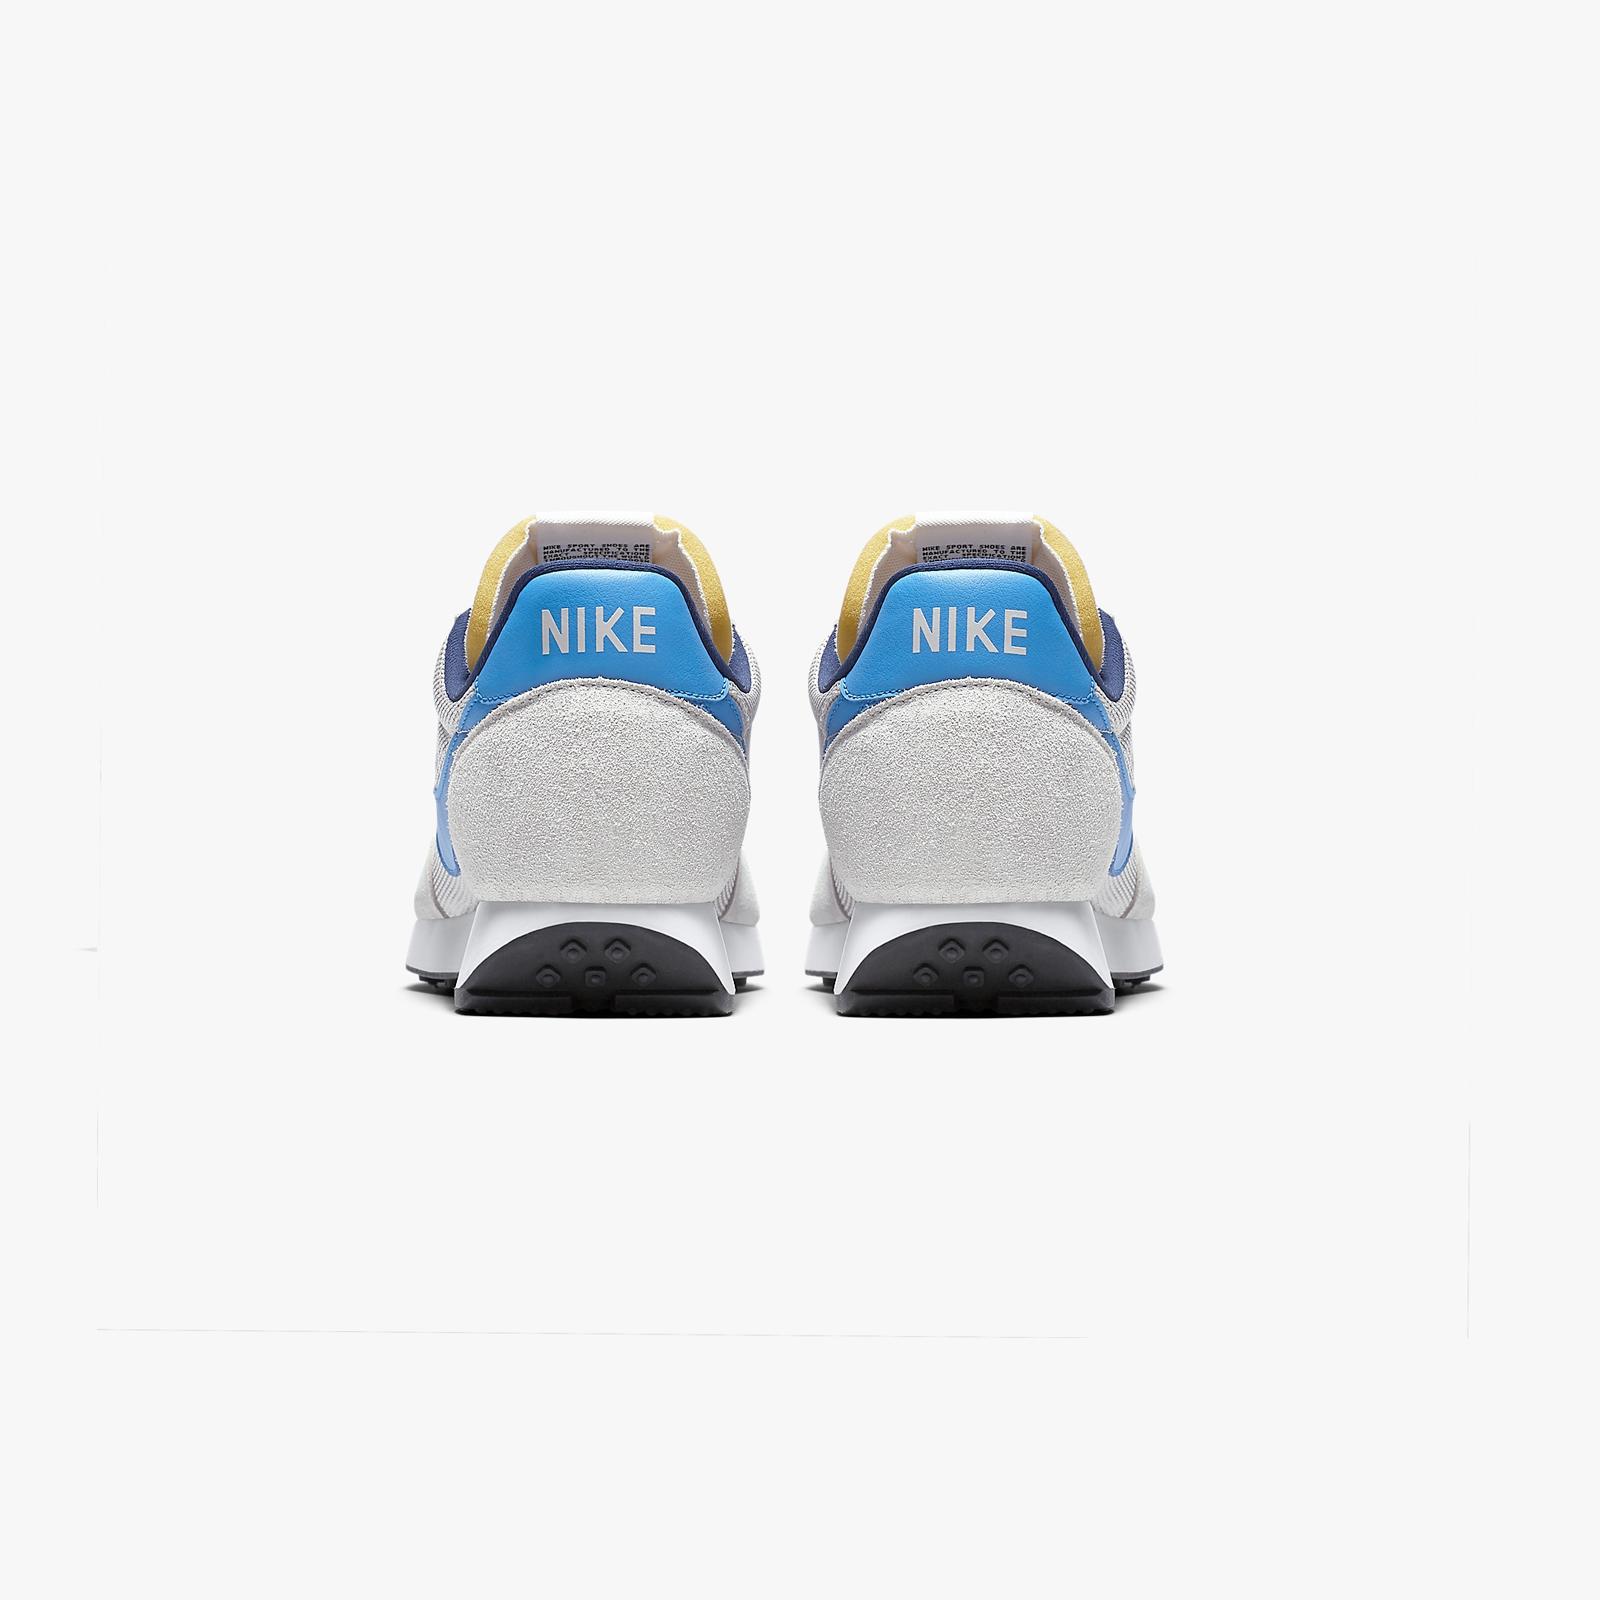 a9f7f65b1f Nike Air Tailwind 79 OG - Bq5878-001 - Sneakersnstuff | sneakers ...